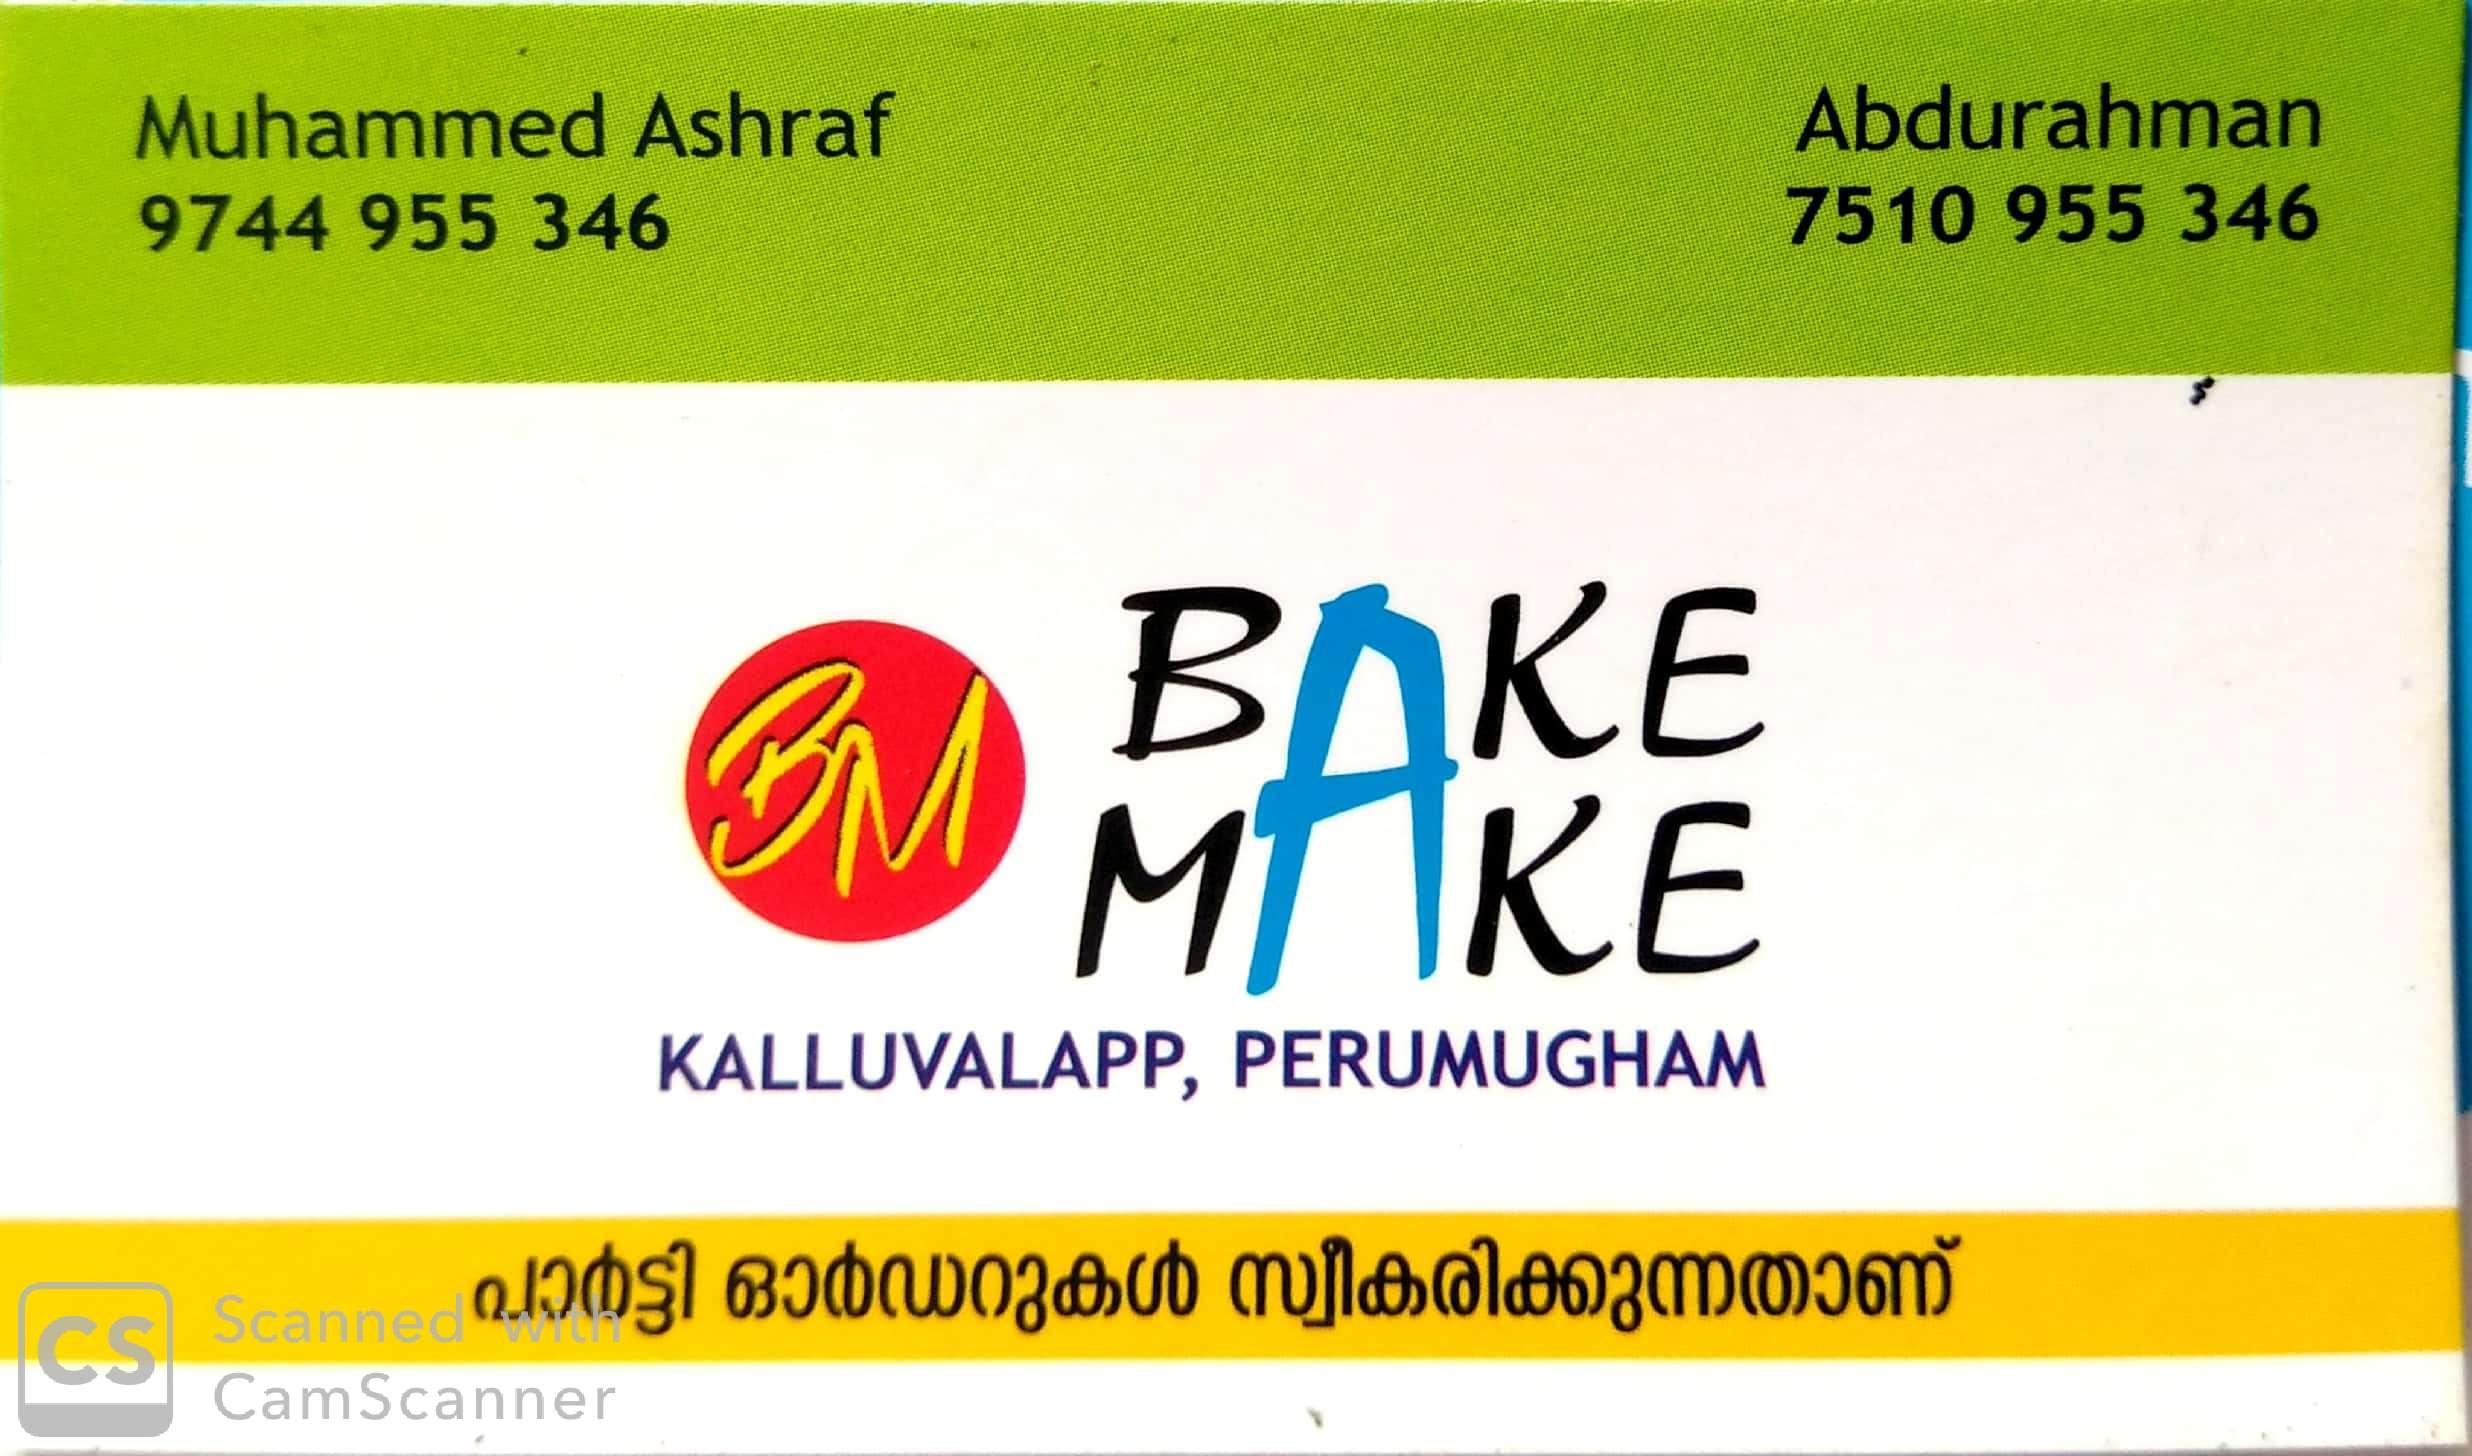 BAKE MAKE BAKERY, BAKERIES,  service in Farook, Kozhikode